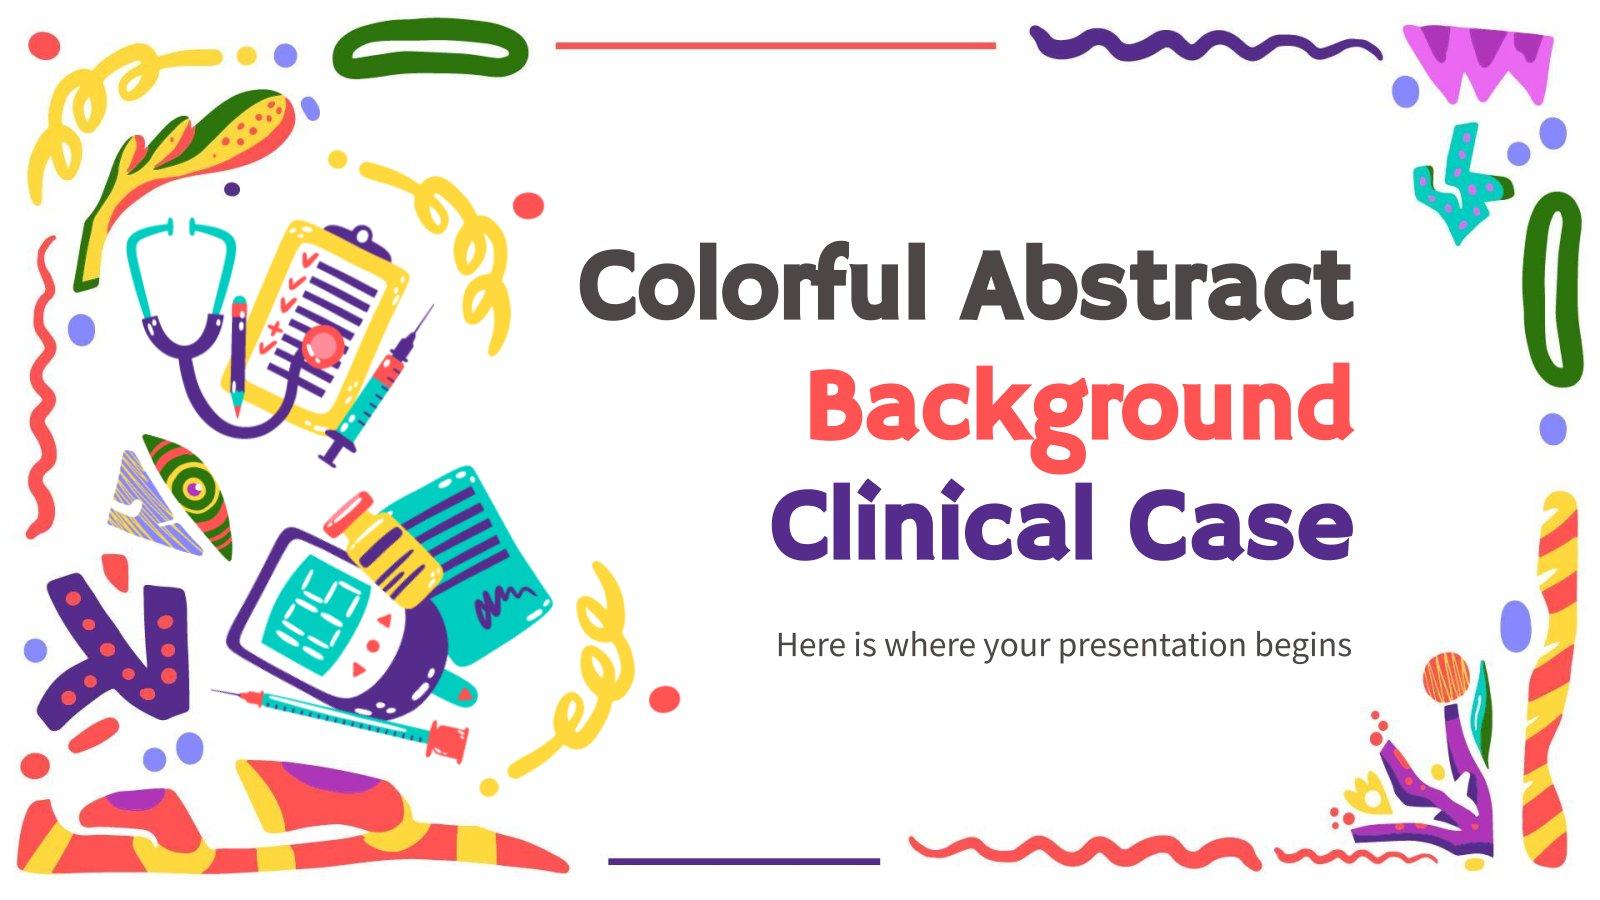 Modelo de apresentação Caso clínico com plano de fundo abstrato e colorido